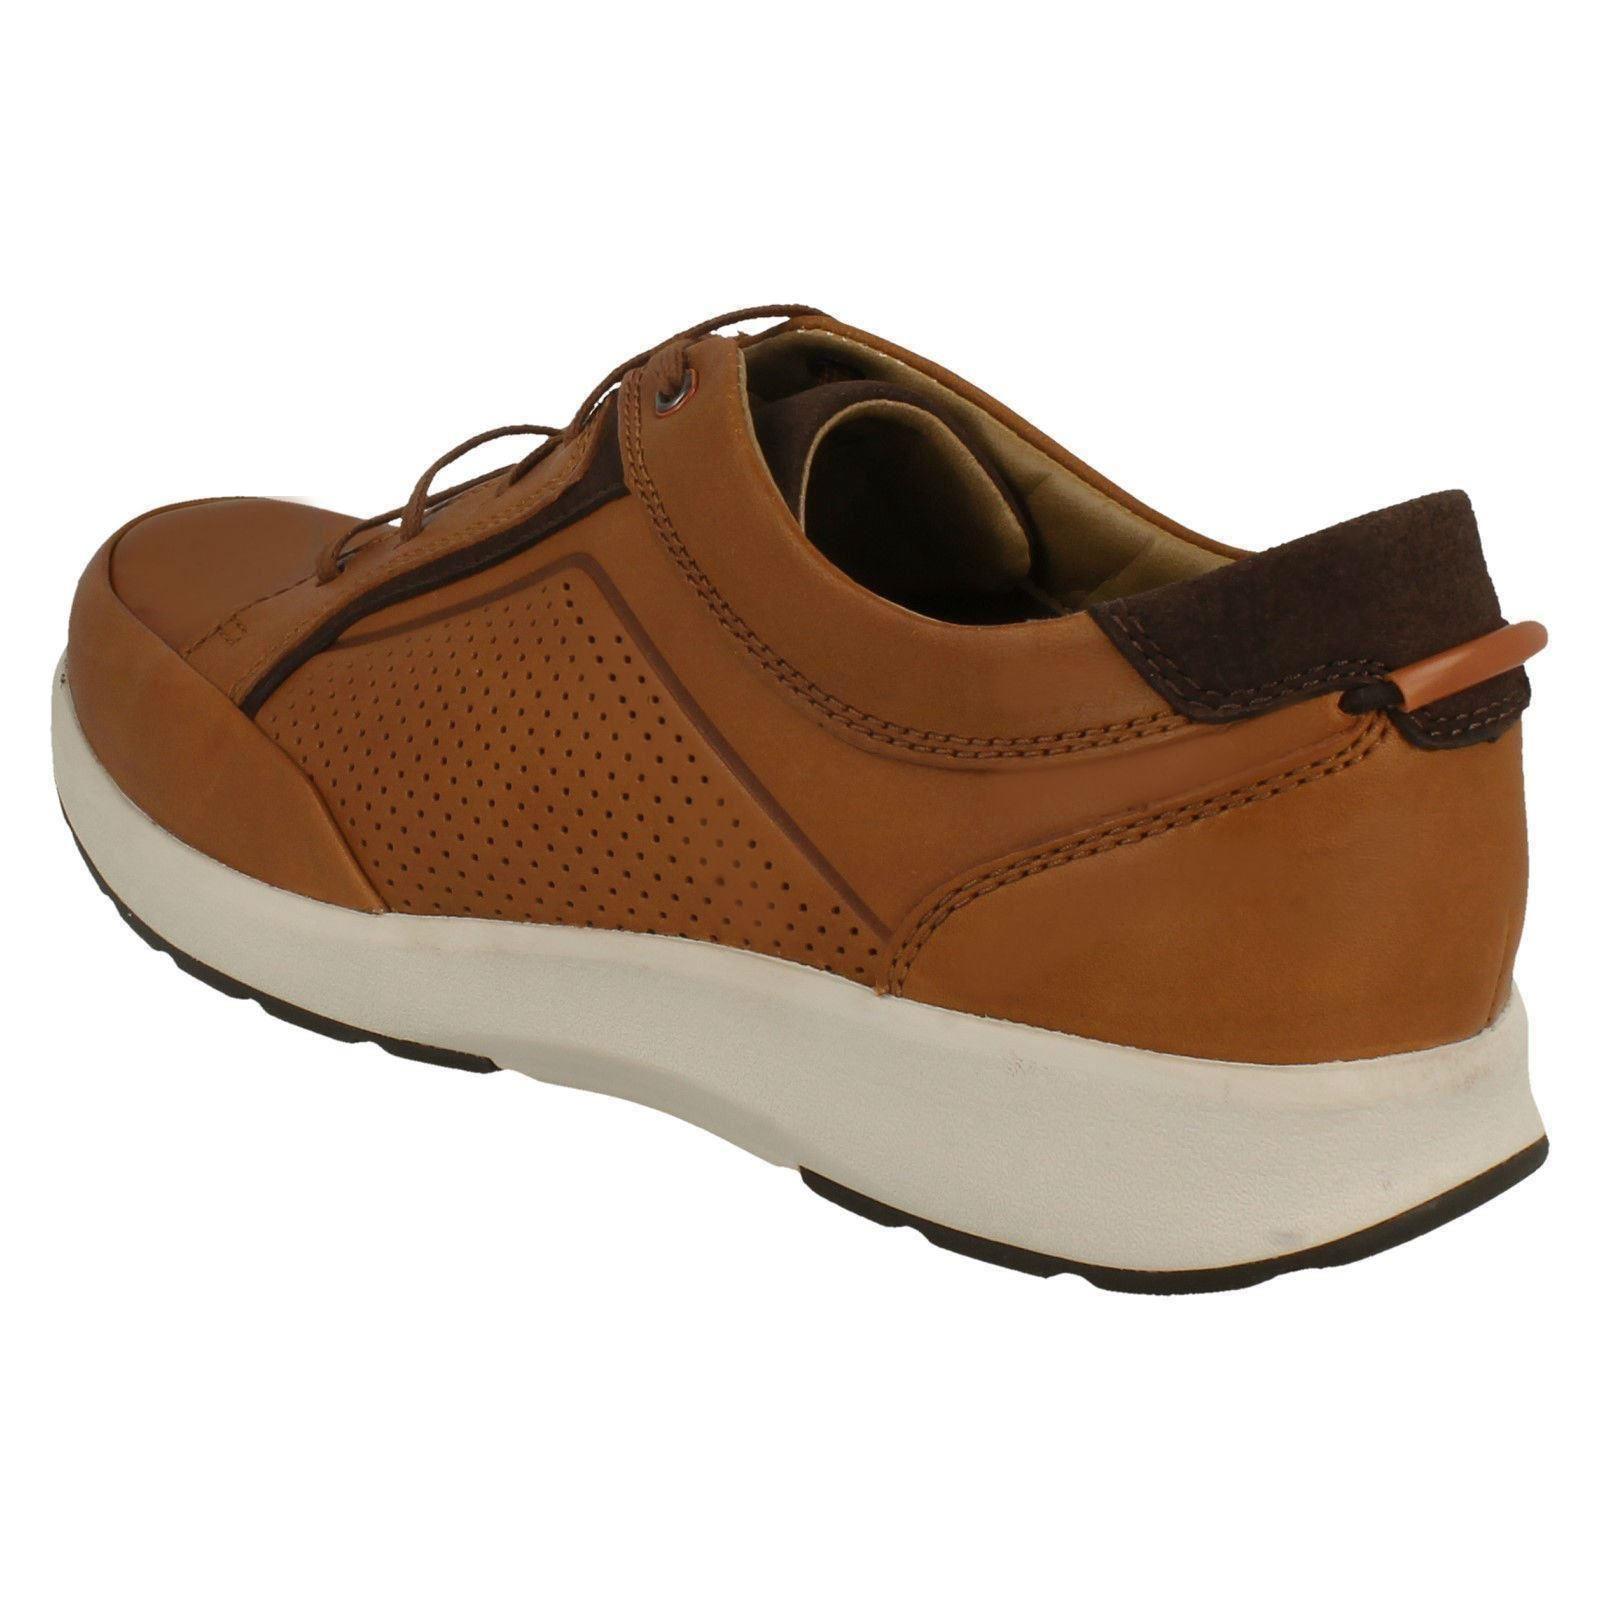 Clarks zapatos Tan cordones de redondeada hombre marrón cuero con punta con y textil para Form Un y Trail 7wraq8n07